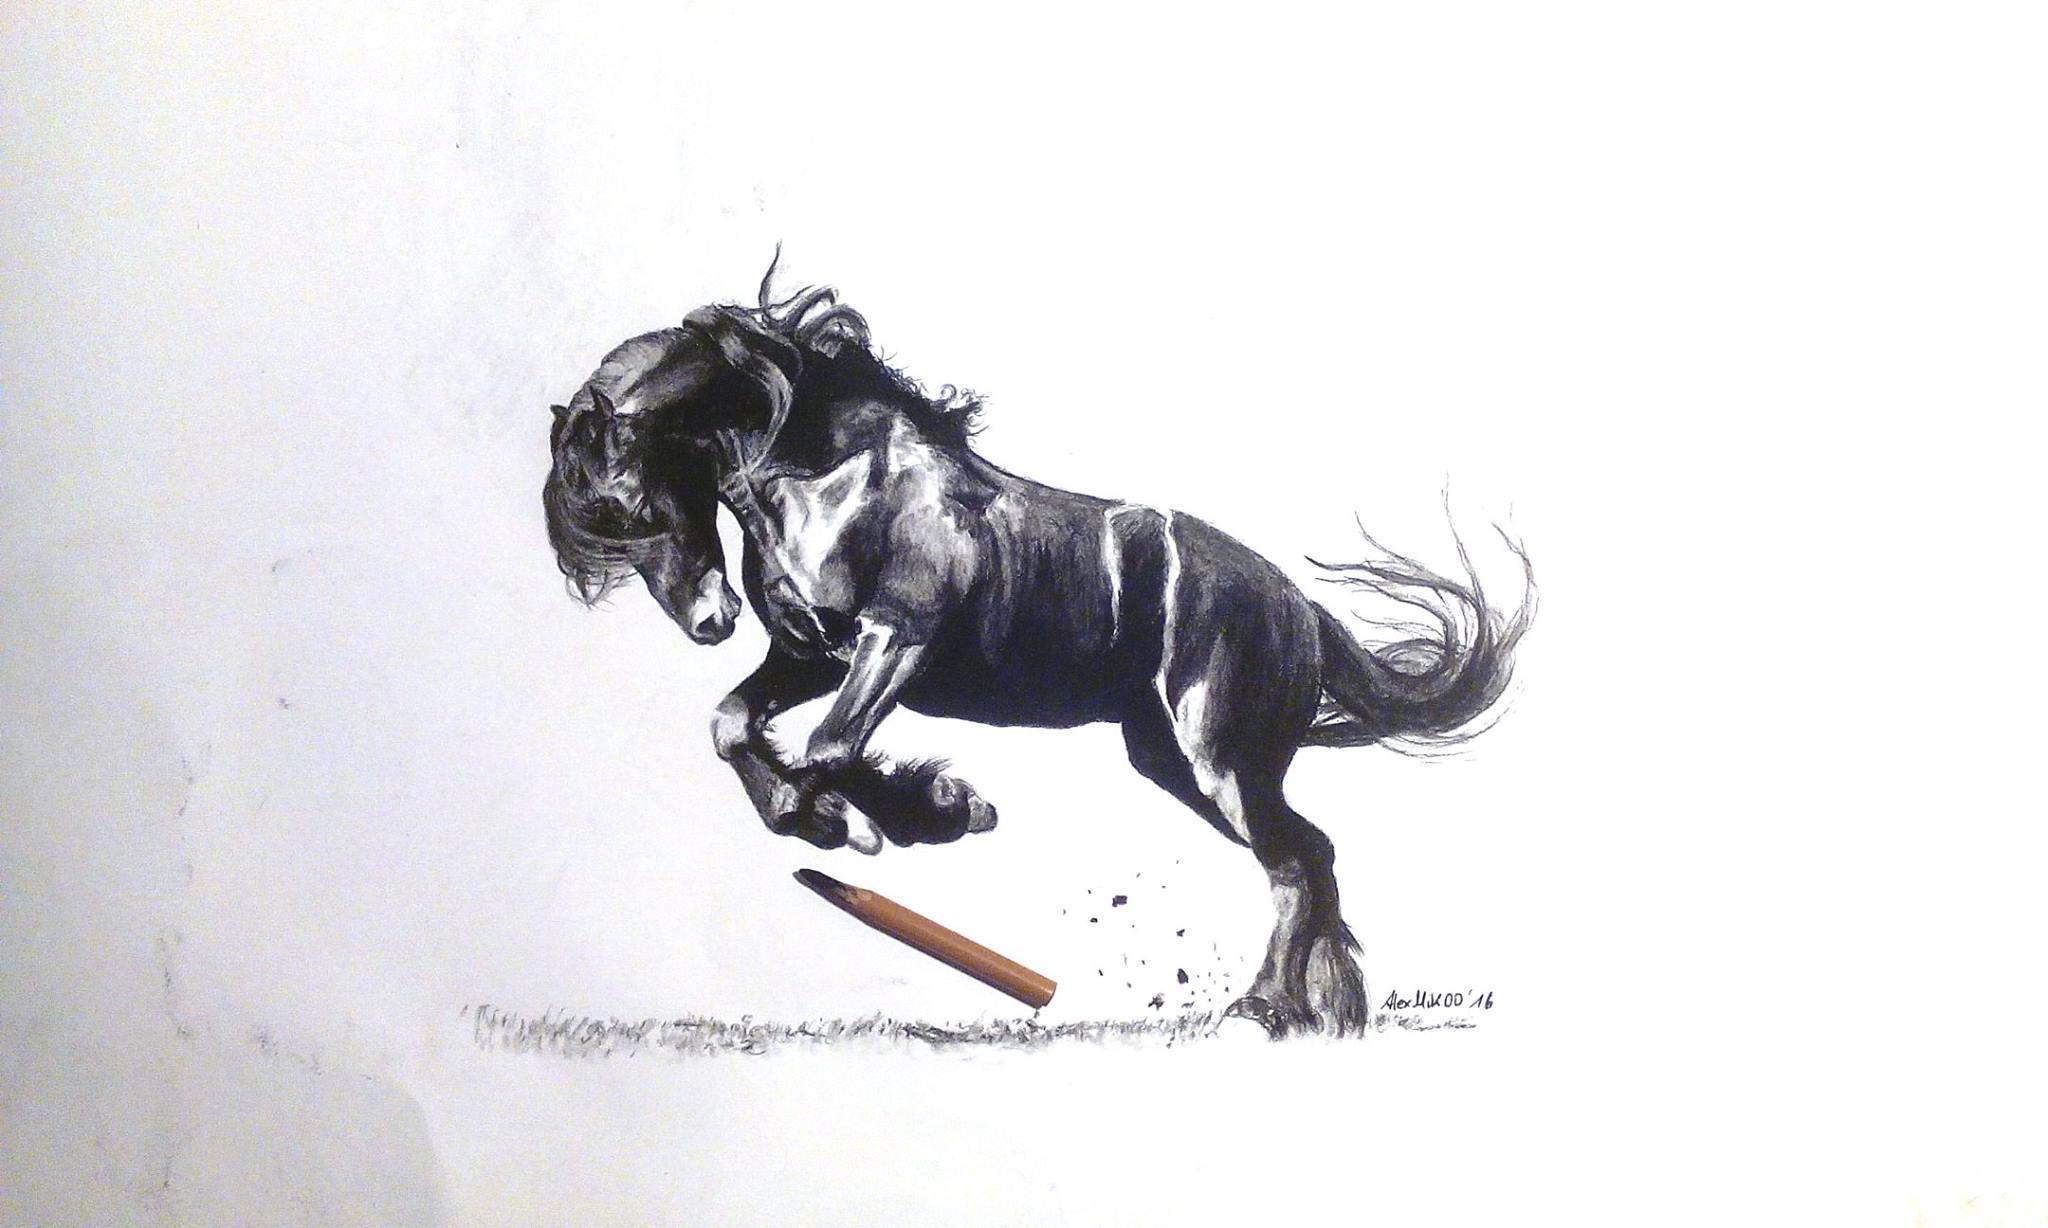 Nett Sichtbar Pferd Anatomie Modell Bilder - Anatomie Von ...